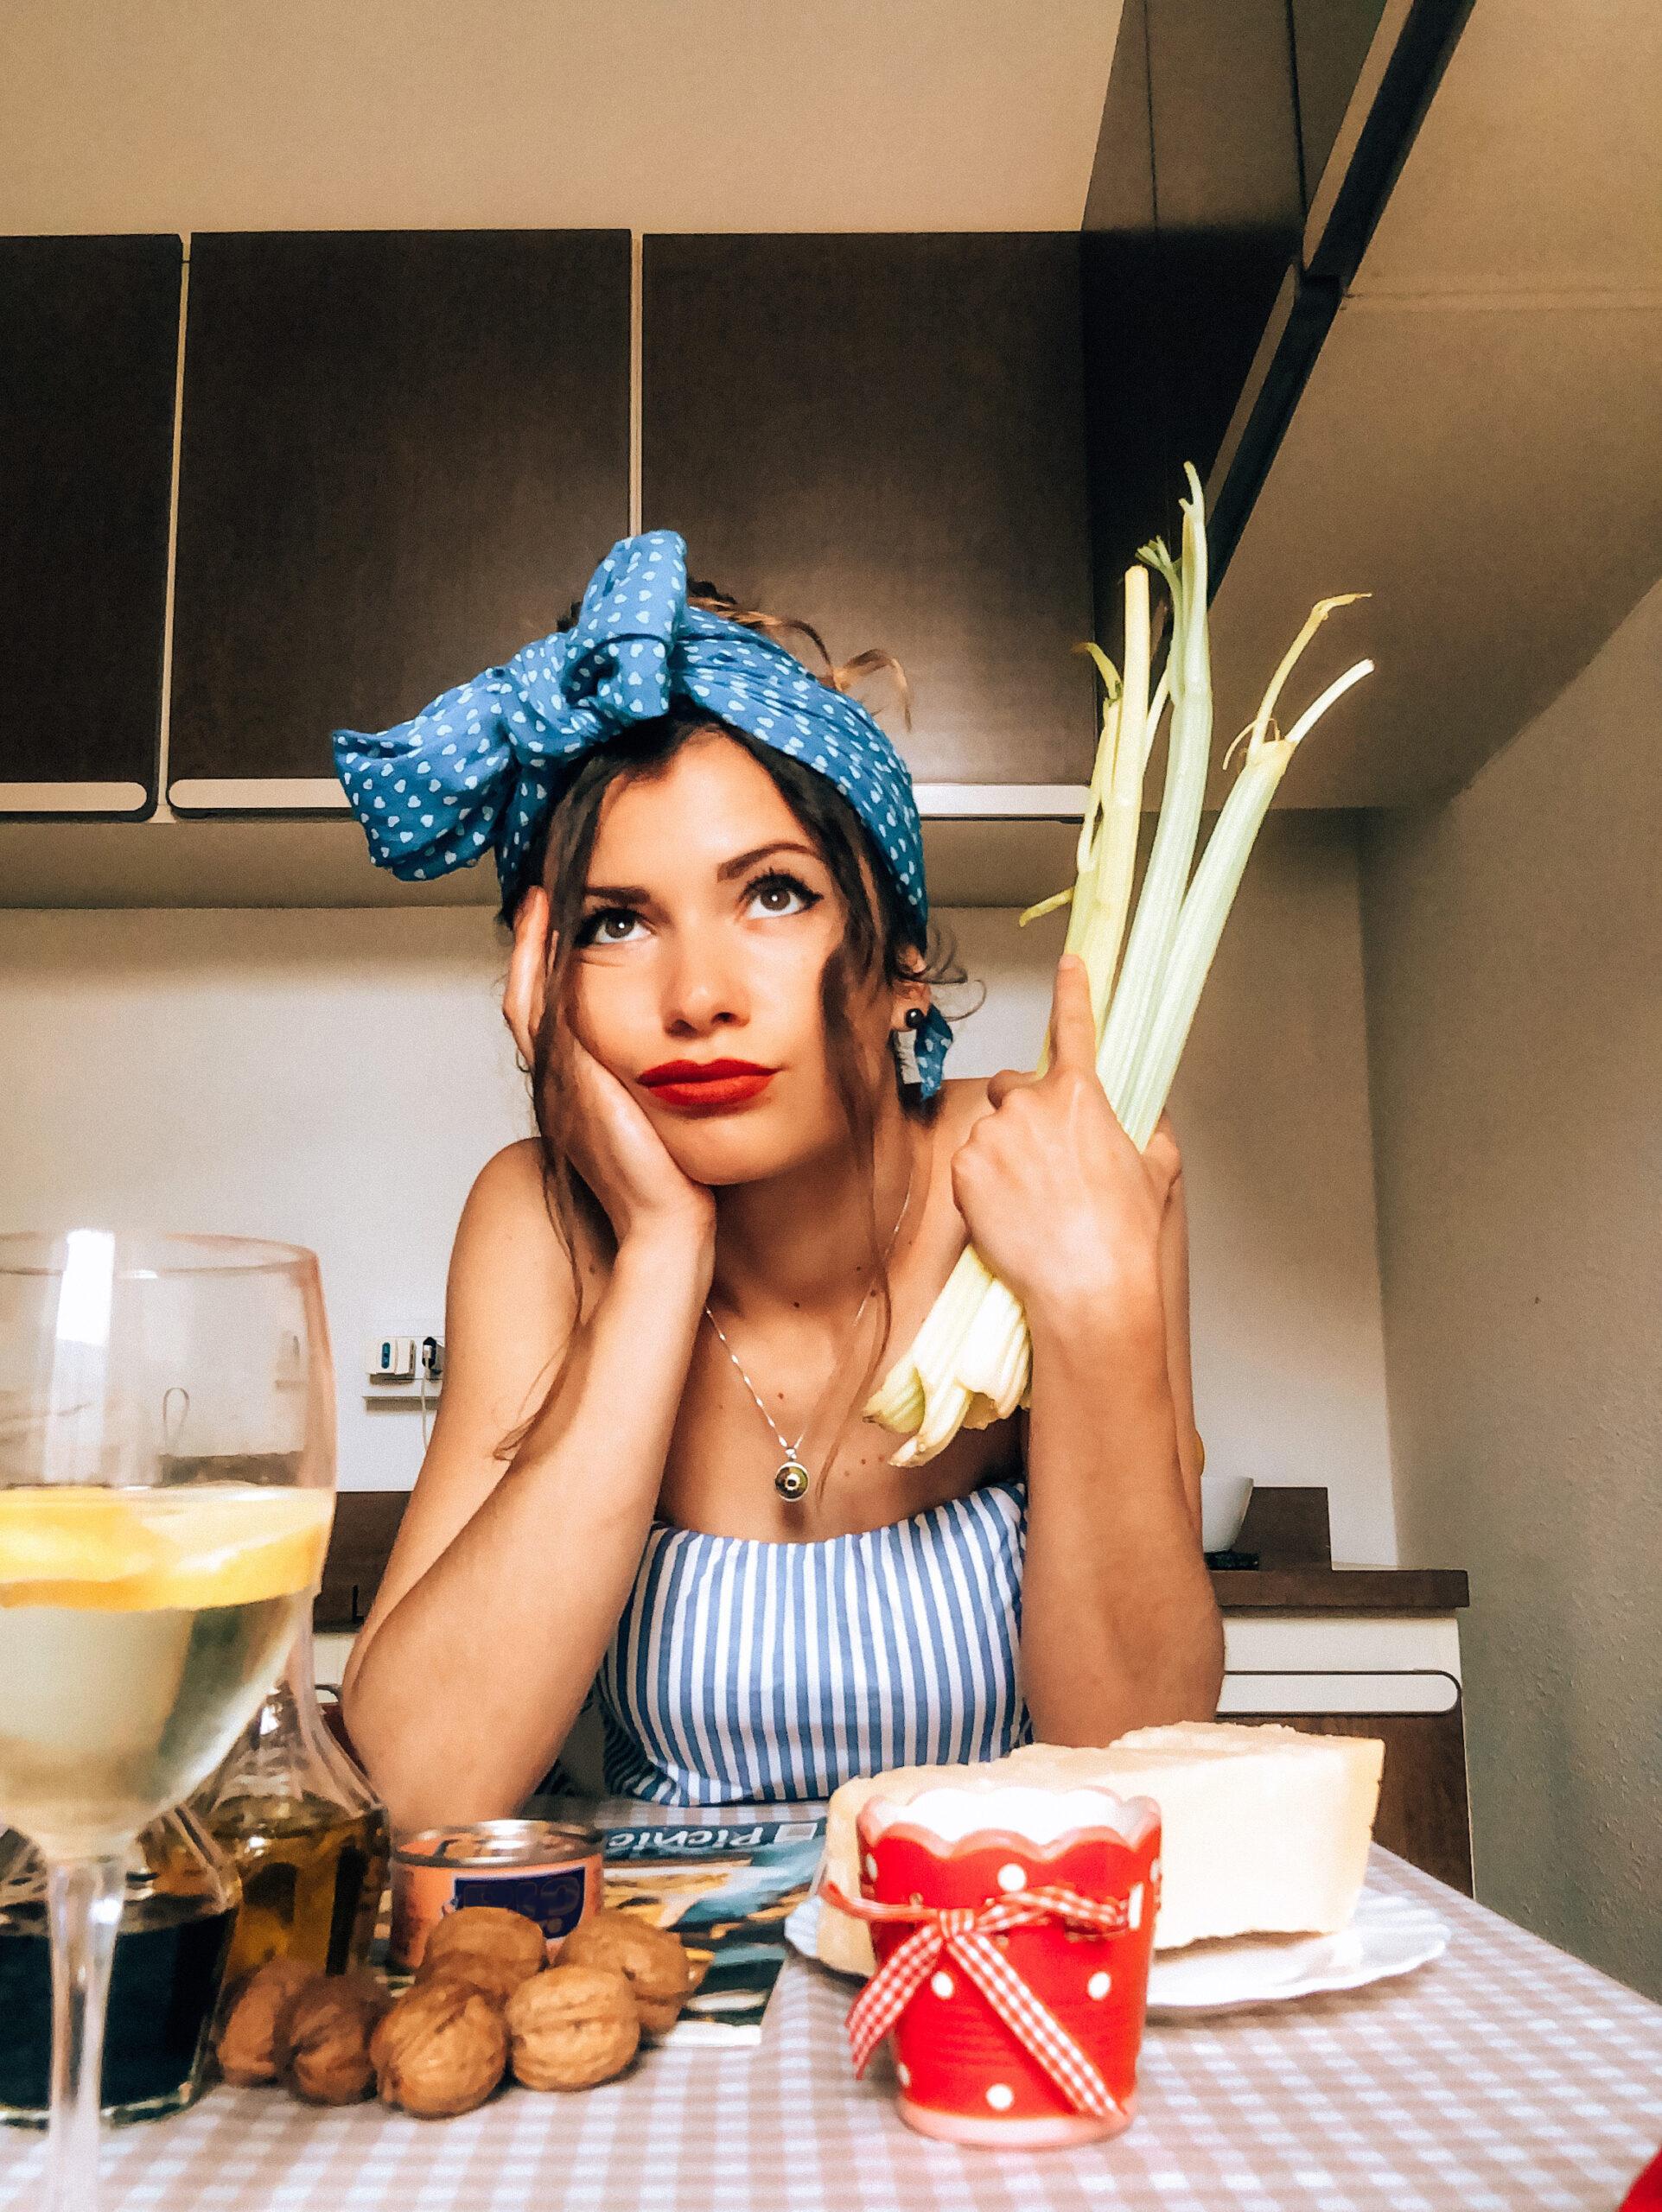 Ventajas y desventajas de la alimentación vegana